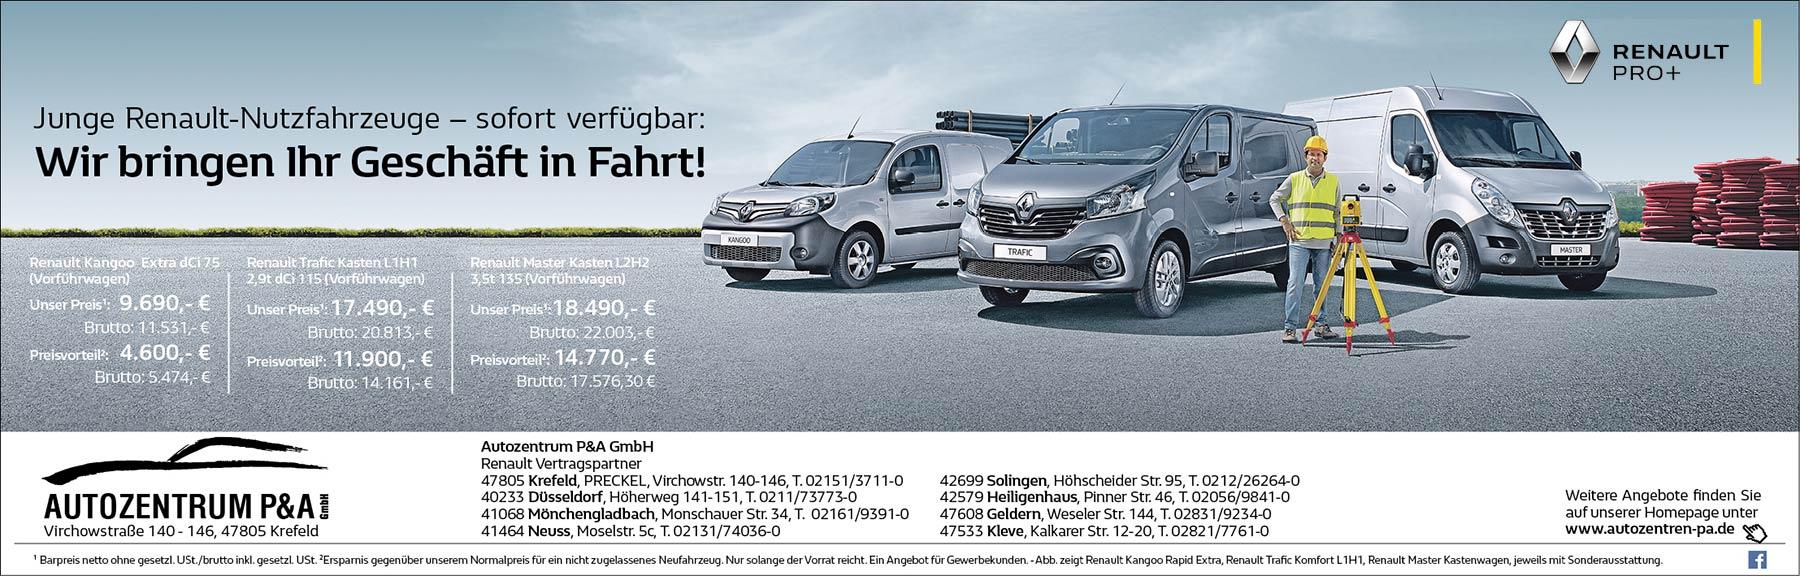 Renault Transporter: Junge Dienstwagen